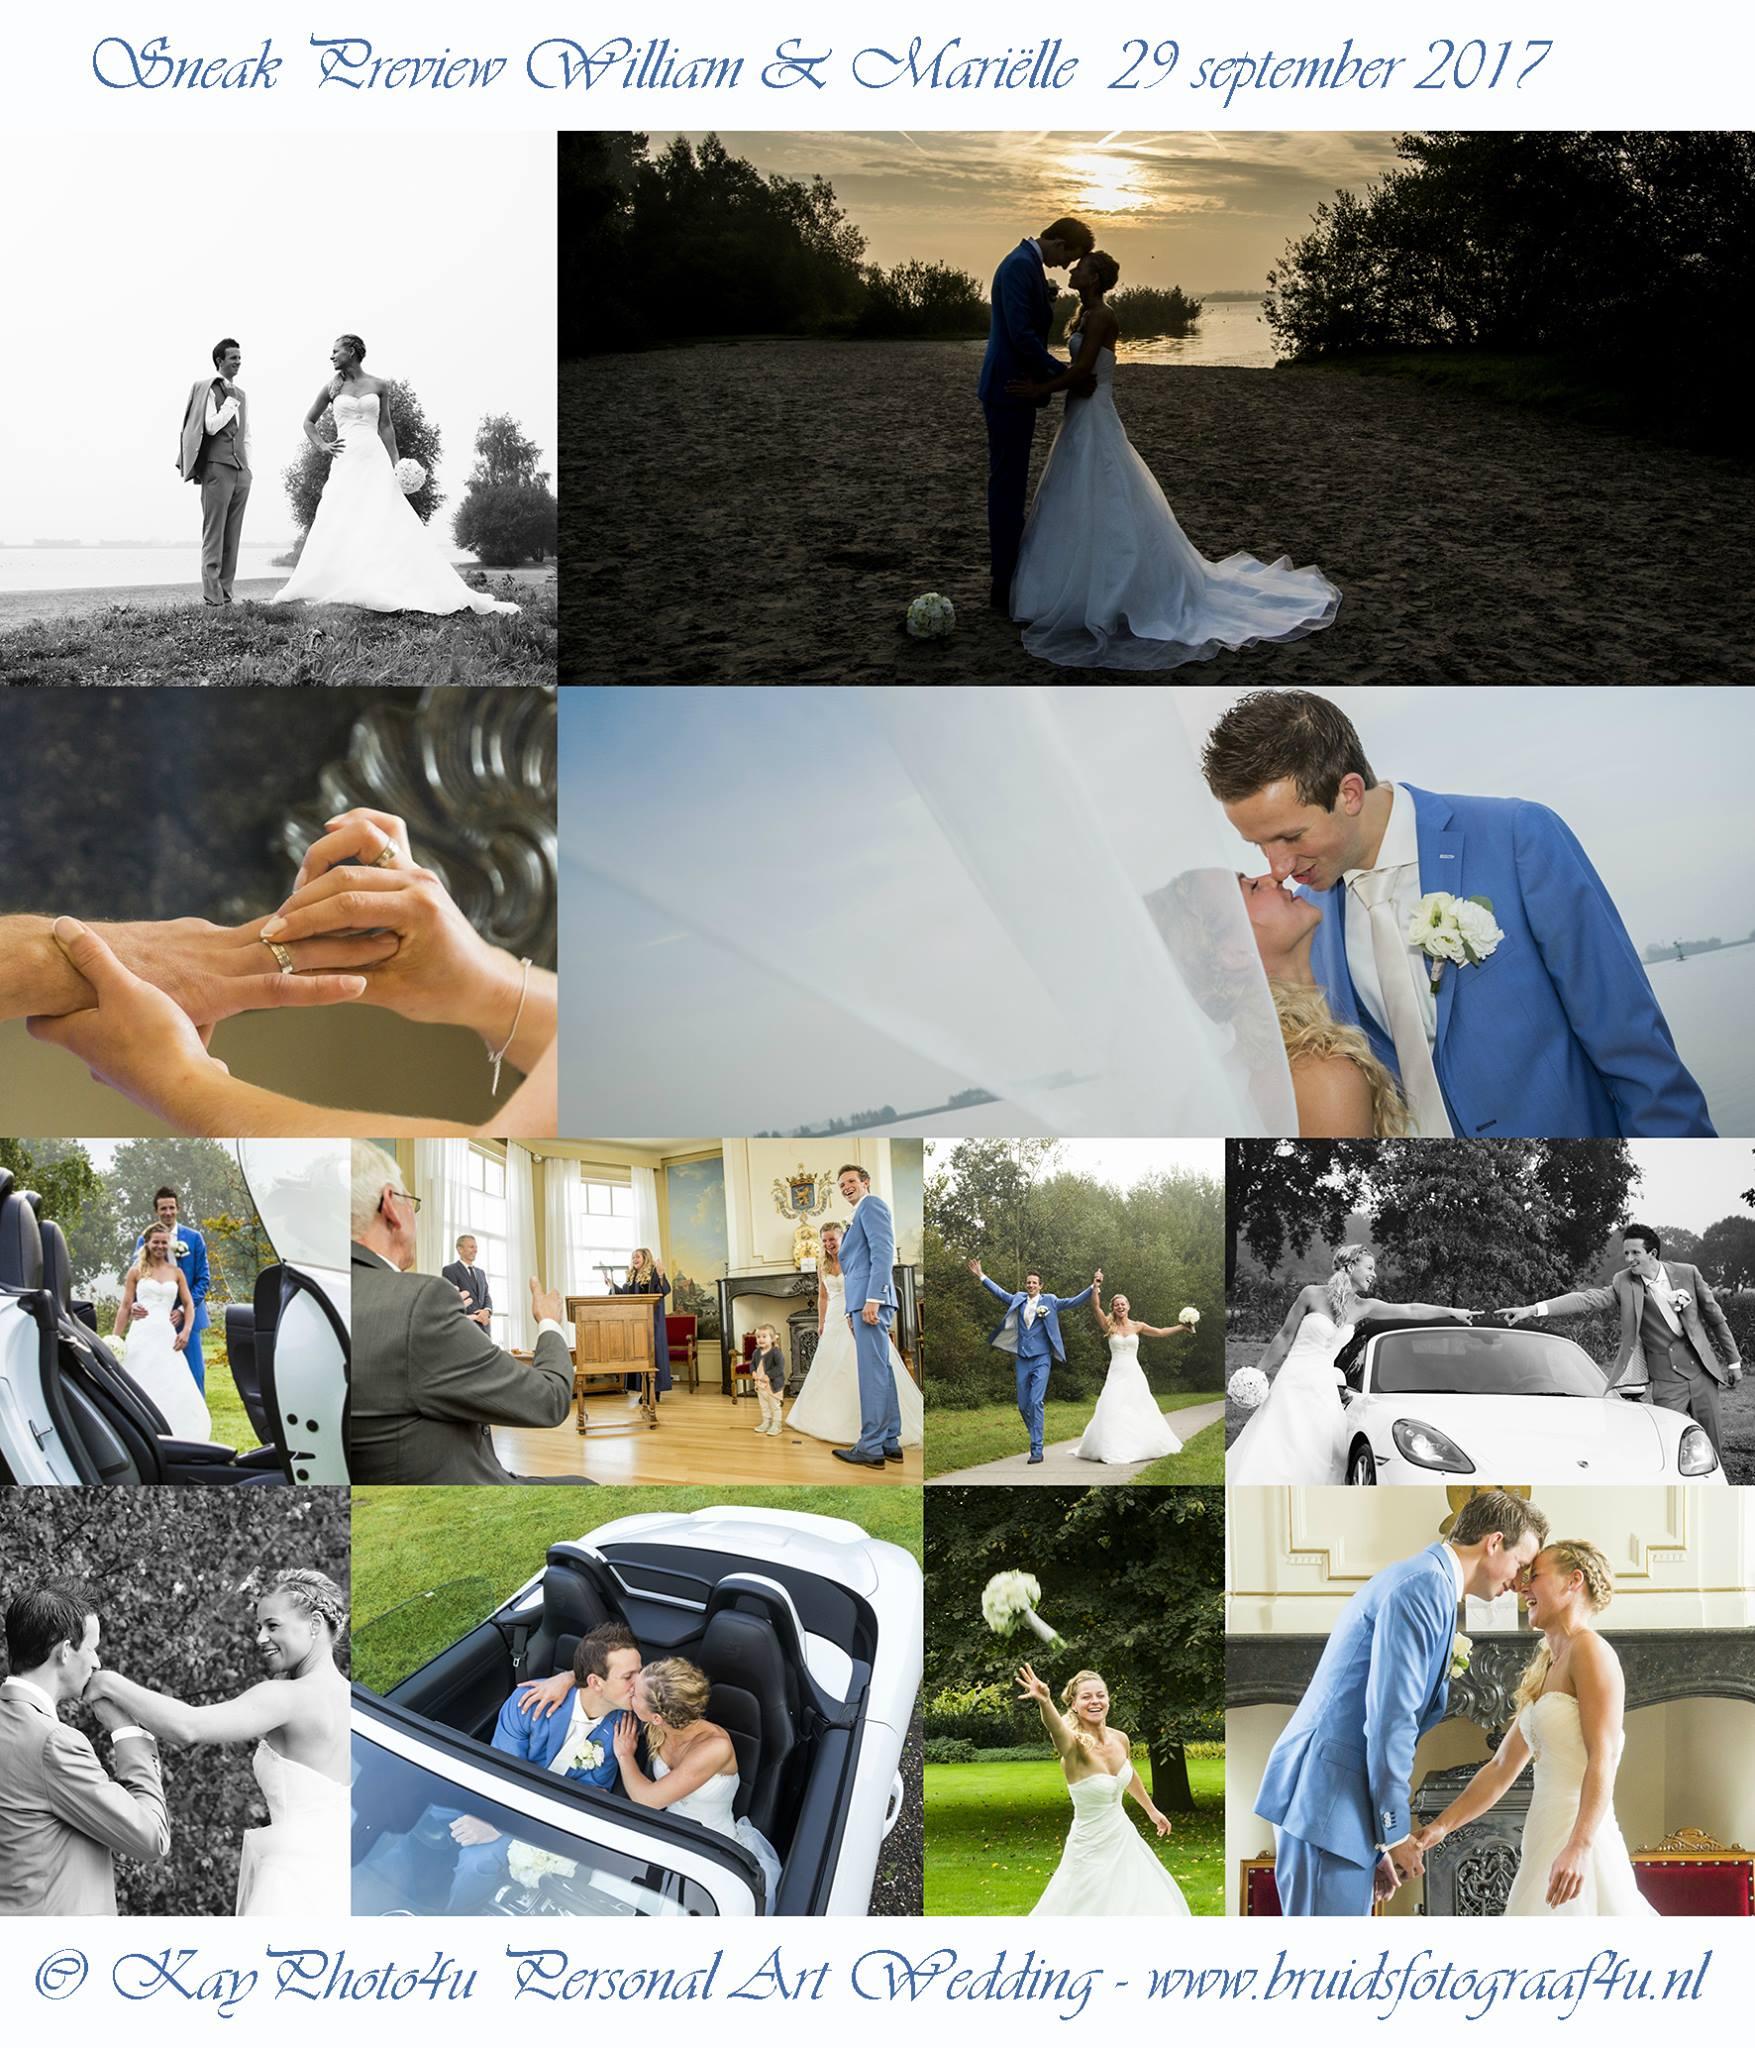 trouwfotograaf amersfoort,  trouwfotograaf vathorst, fotograaf amersfoort, fotograaf vathorst, fotograaf hoevelaken, bruidsfotograaf hoevelaken, trouwen hoevelaken, trouwen nijkerk, stadhuis nijkerk, trouwreportage erkemederstrand, bruidsfotograaf nijkerk, trouwfotograaf nijkerk, huwelijksreportage amersfoort, huwelijksreportage hoevelaken, kayphoto4u, bruidsfotograaf4u, kayphoto4u personal art wedding, twee trouwfotografen, twee bruidsfotografen, kayphoto4u bruidsfotografie, trouwfotograaf vathorst, fotograaf vathorst, fotograaf amersfoort, fotograaf nijkerk, fotograaf hoevelaken, fotograaf amersfoort vathorst, erkemederstrand, fotoshoot erkemederstrand, trouwen kerk hoevelaken, kerk hoevelaken, geformeerde gemeente hoevelaken, boerderij hoevelaken